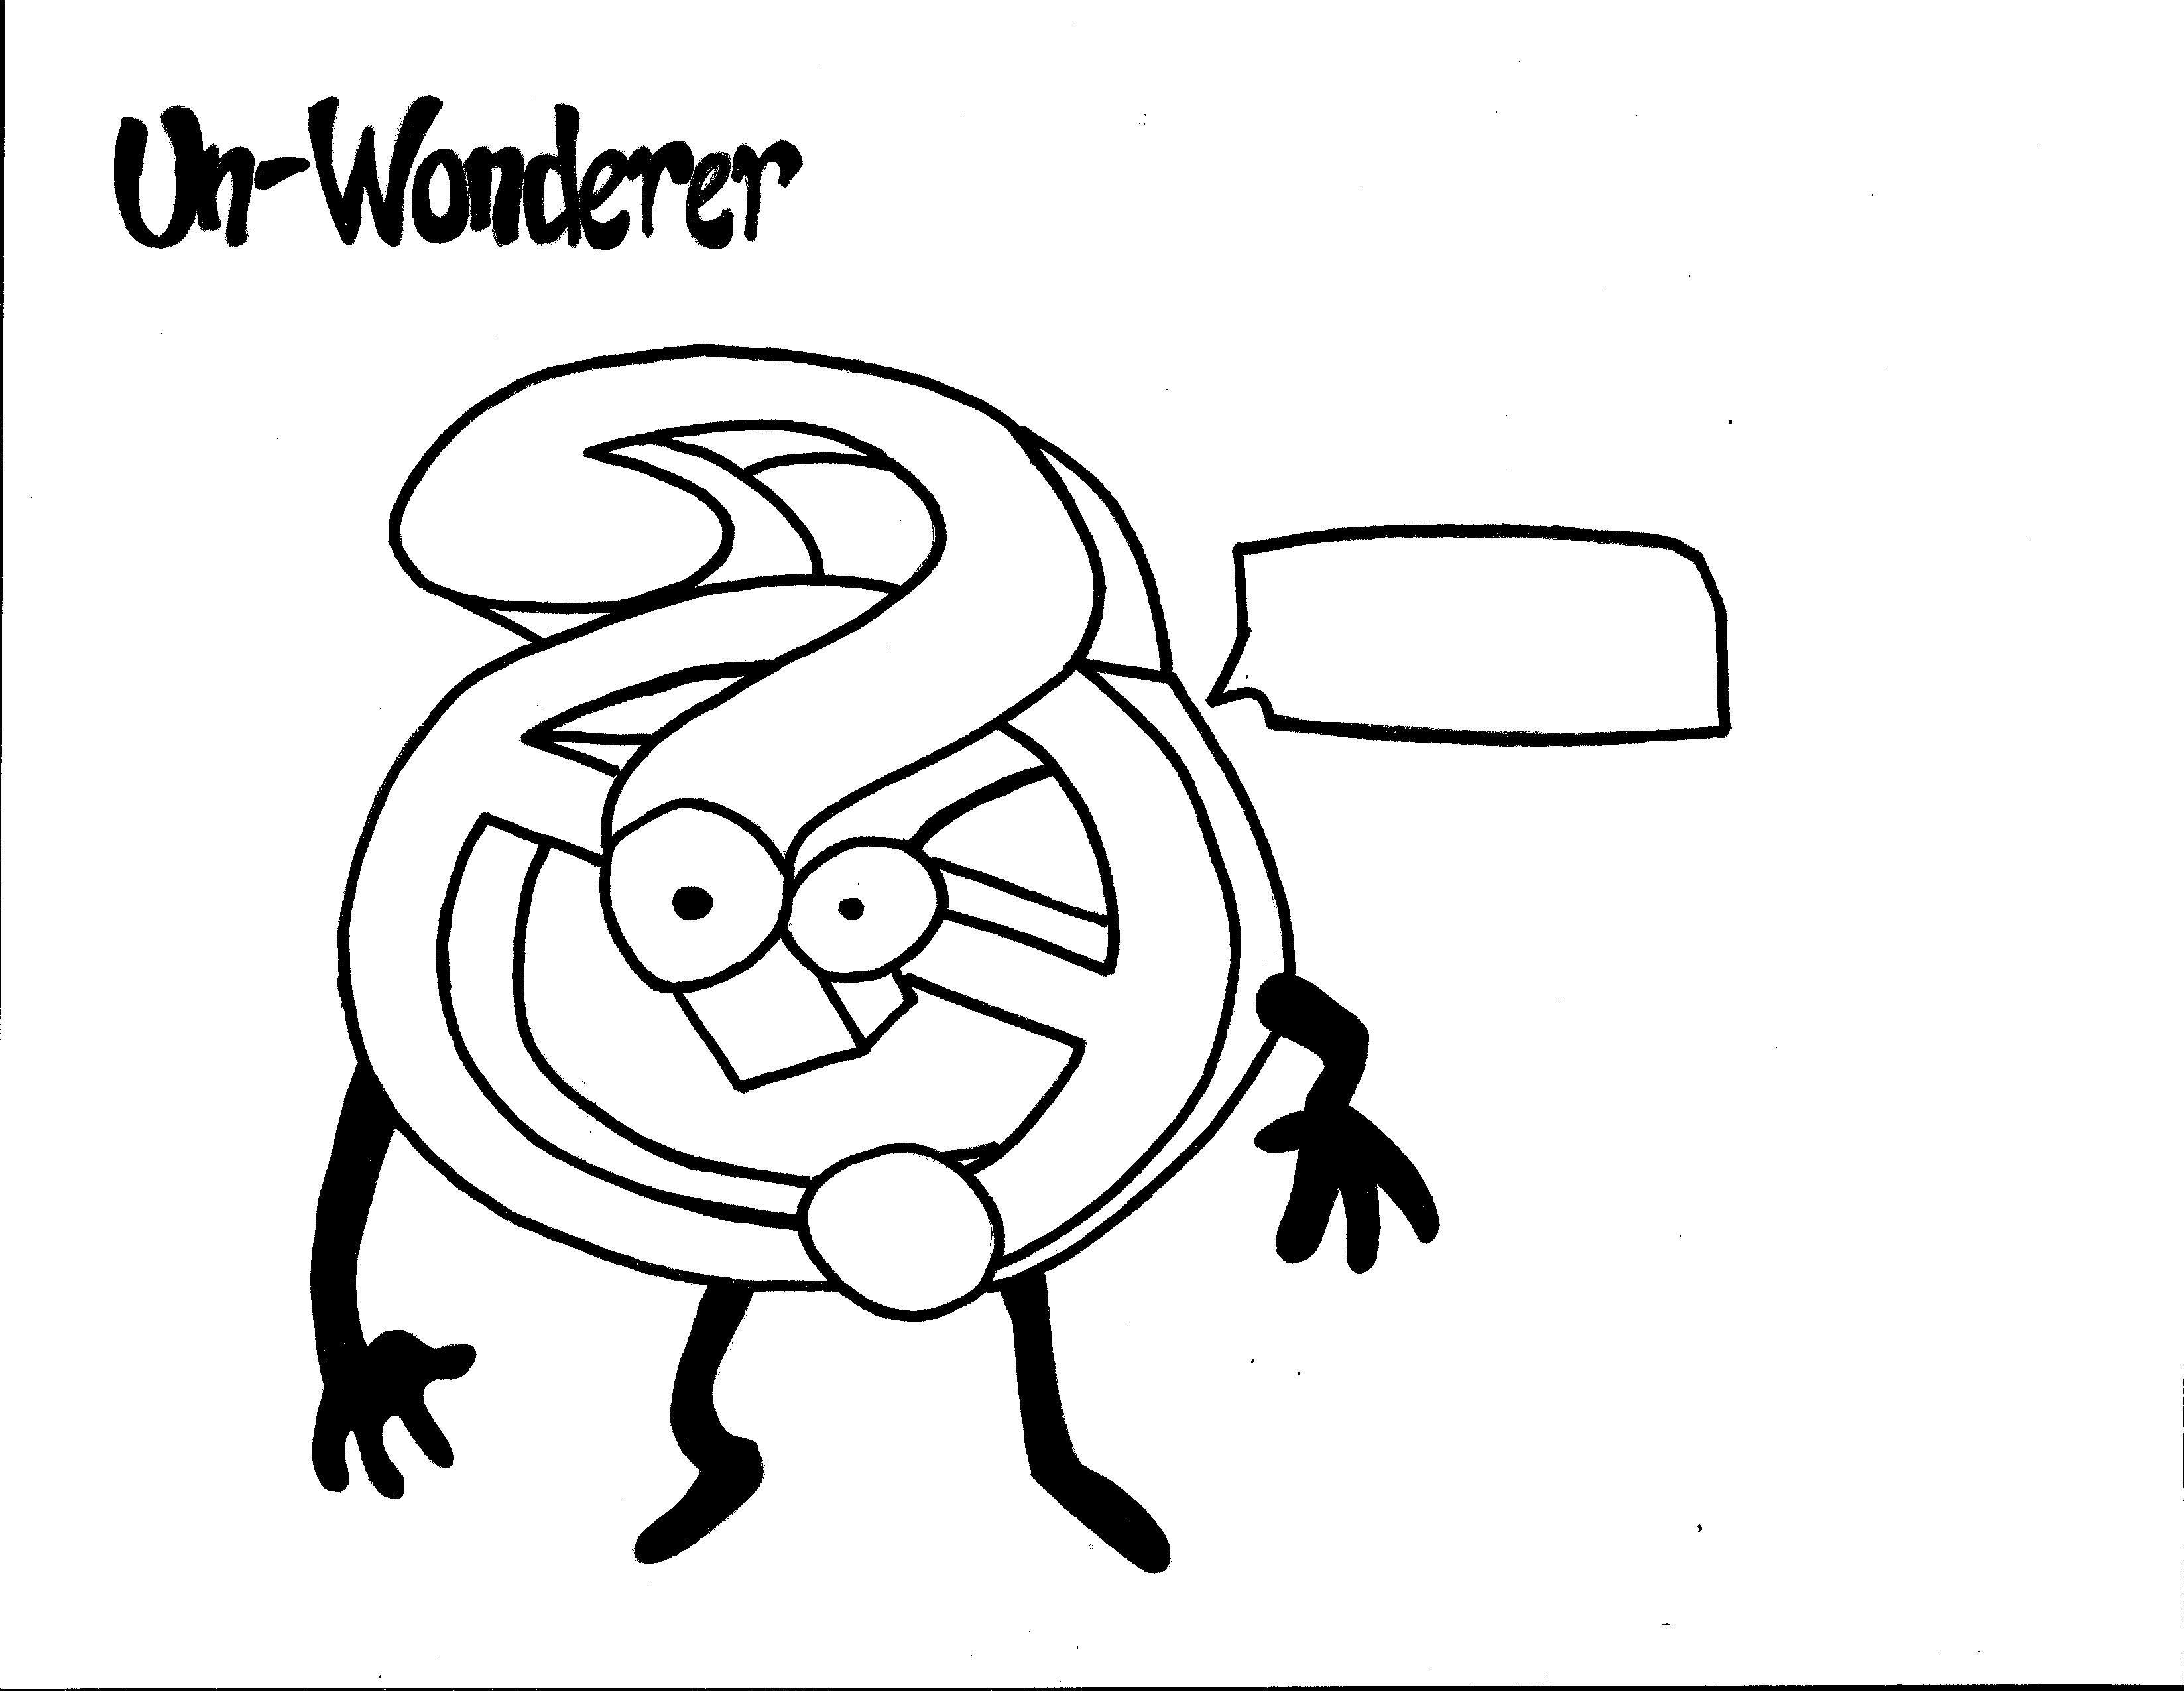 Un Wonderer Coloring Page Team Unthinkables Superflex Social